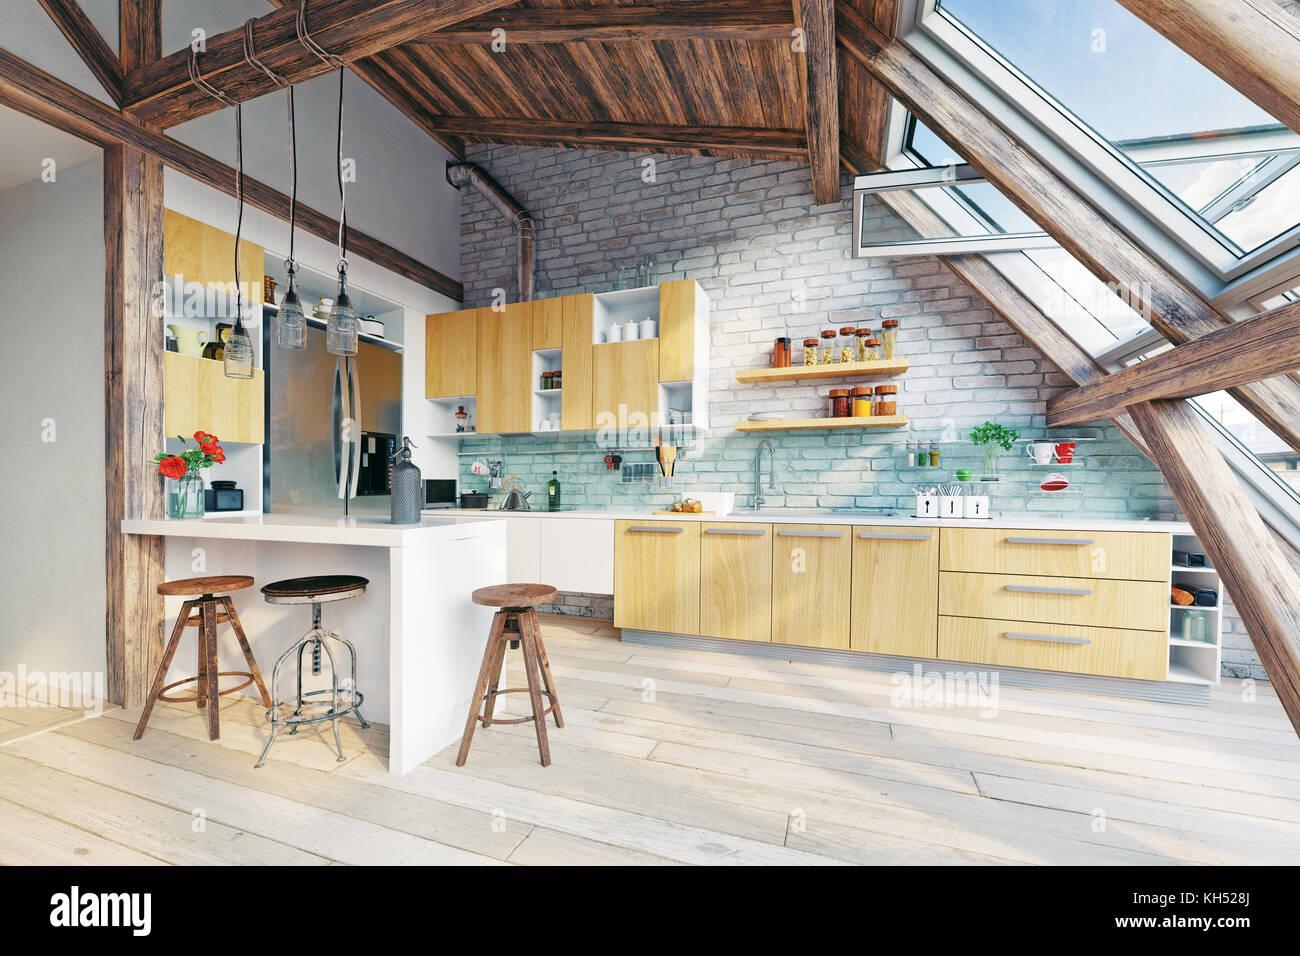 Moderne Dachgeschoss Kuche Interieur 3d Rendering Konzept Stockfoto